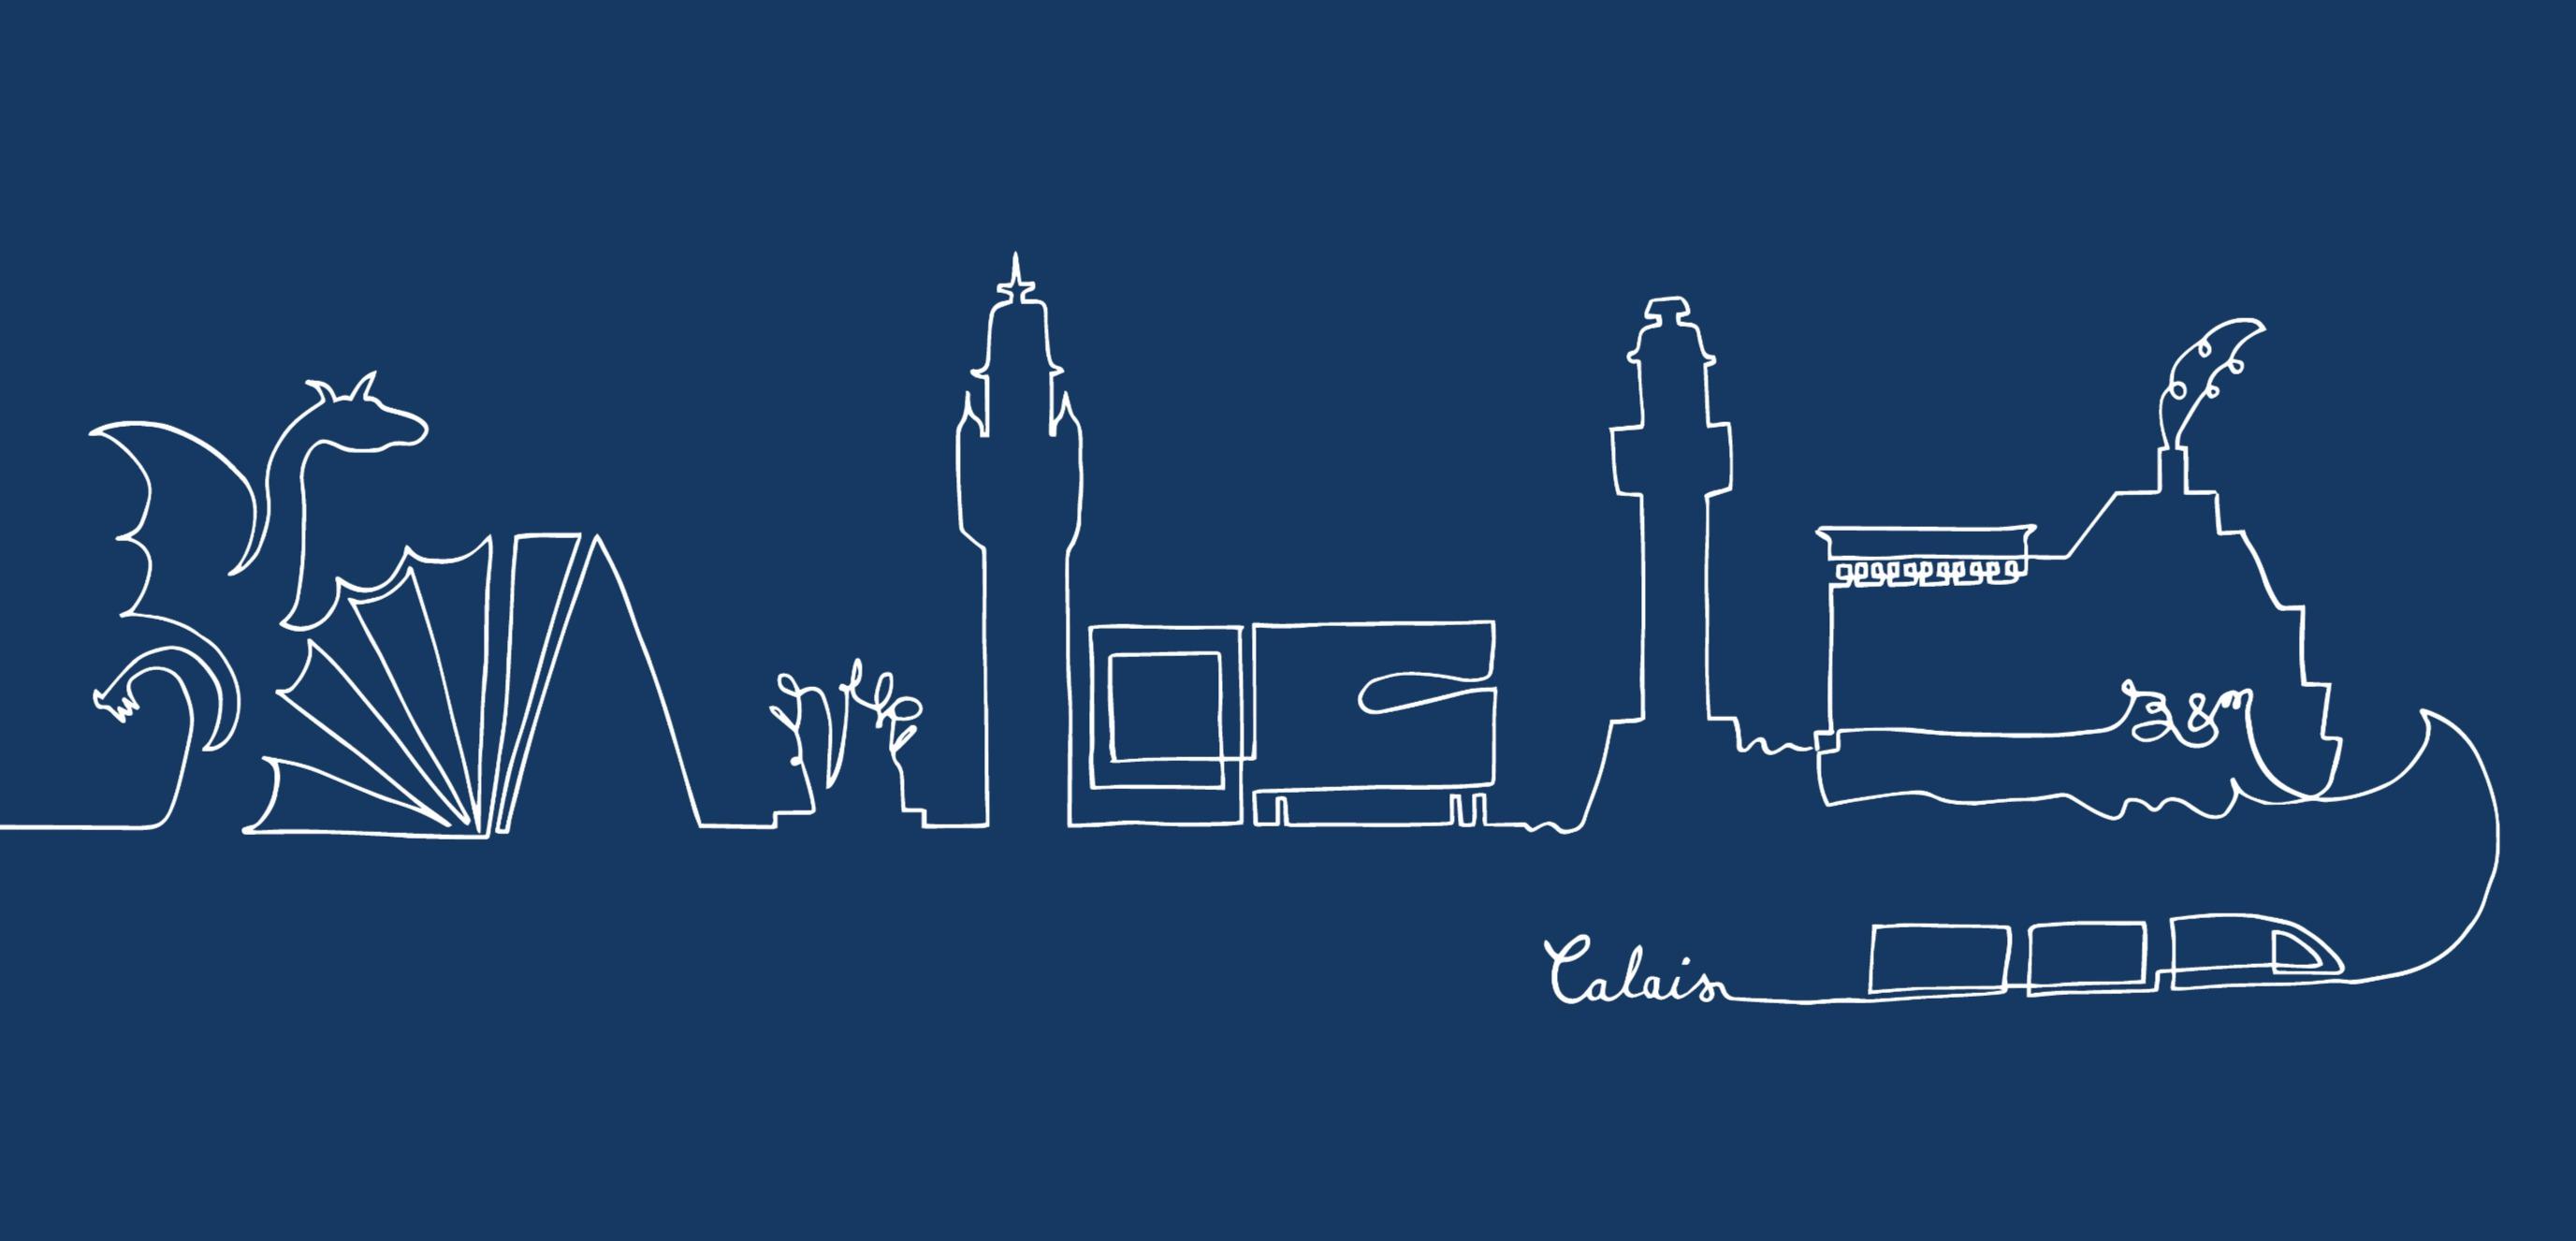 Bleu - Calais